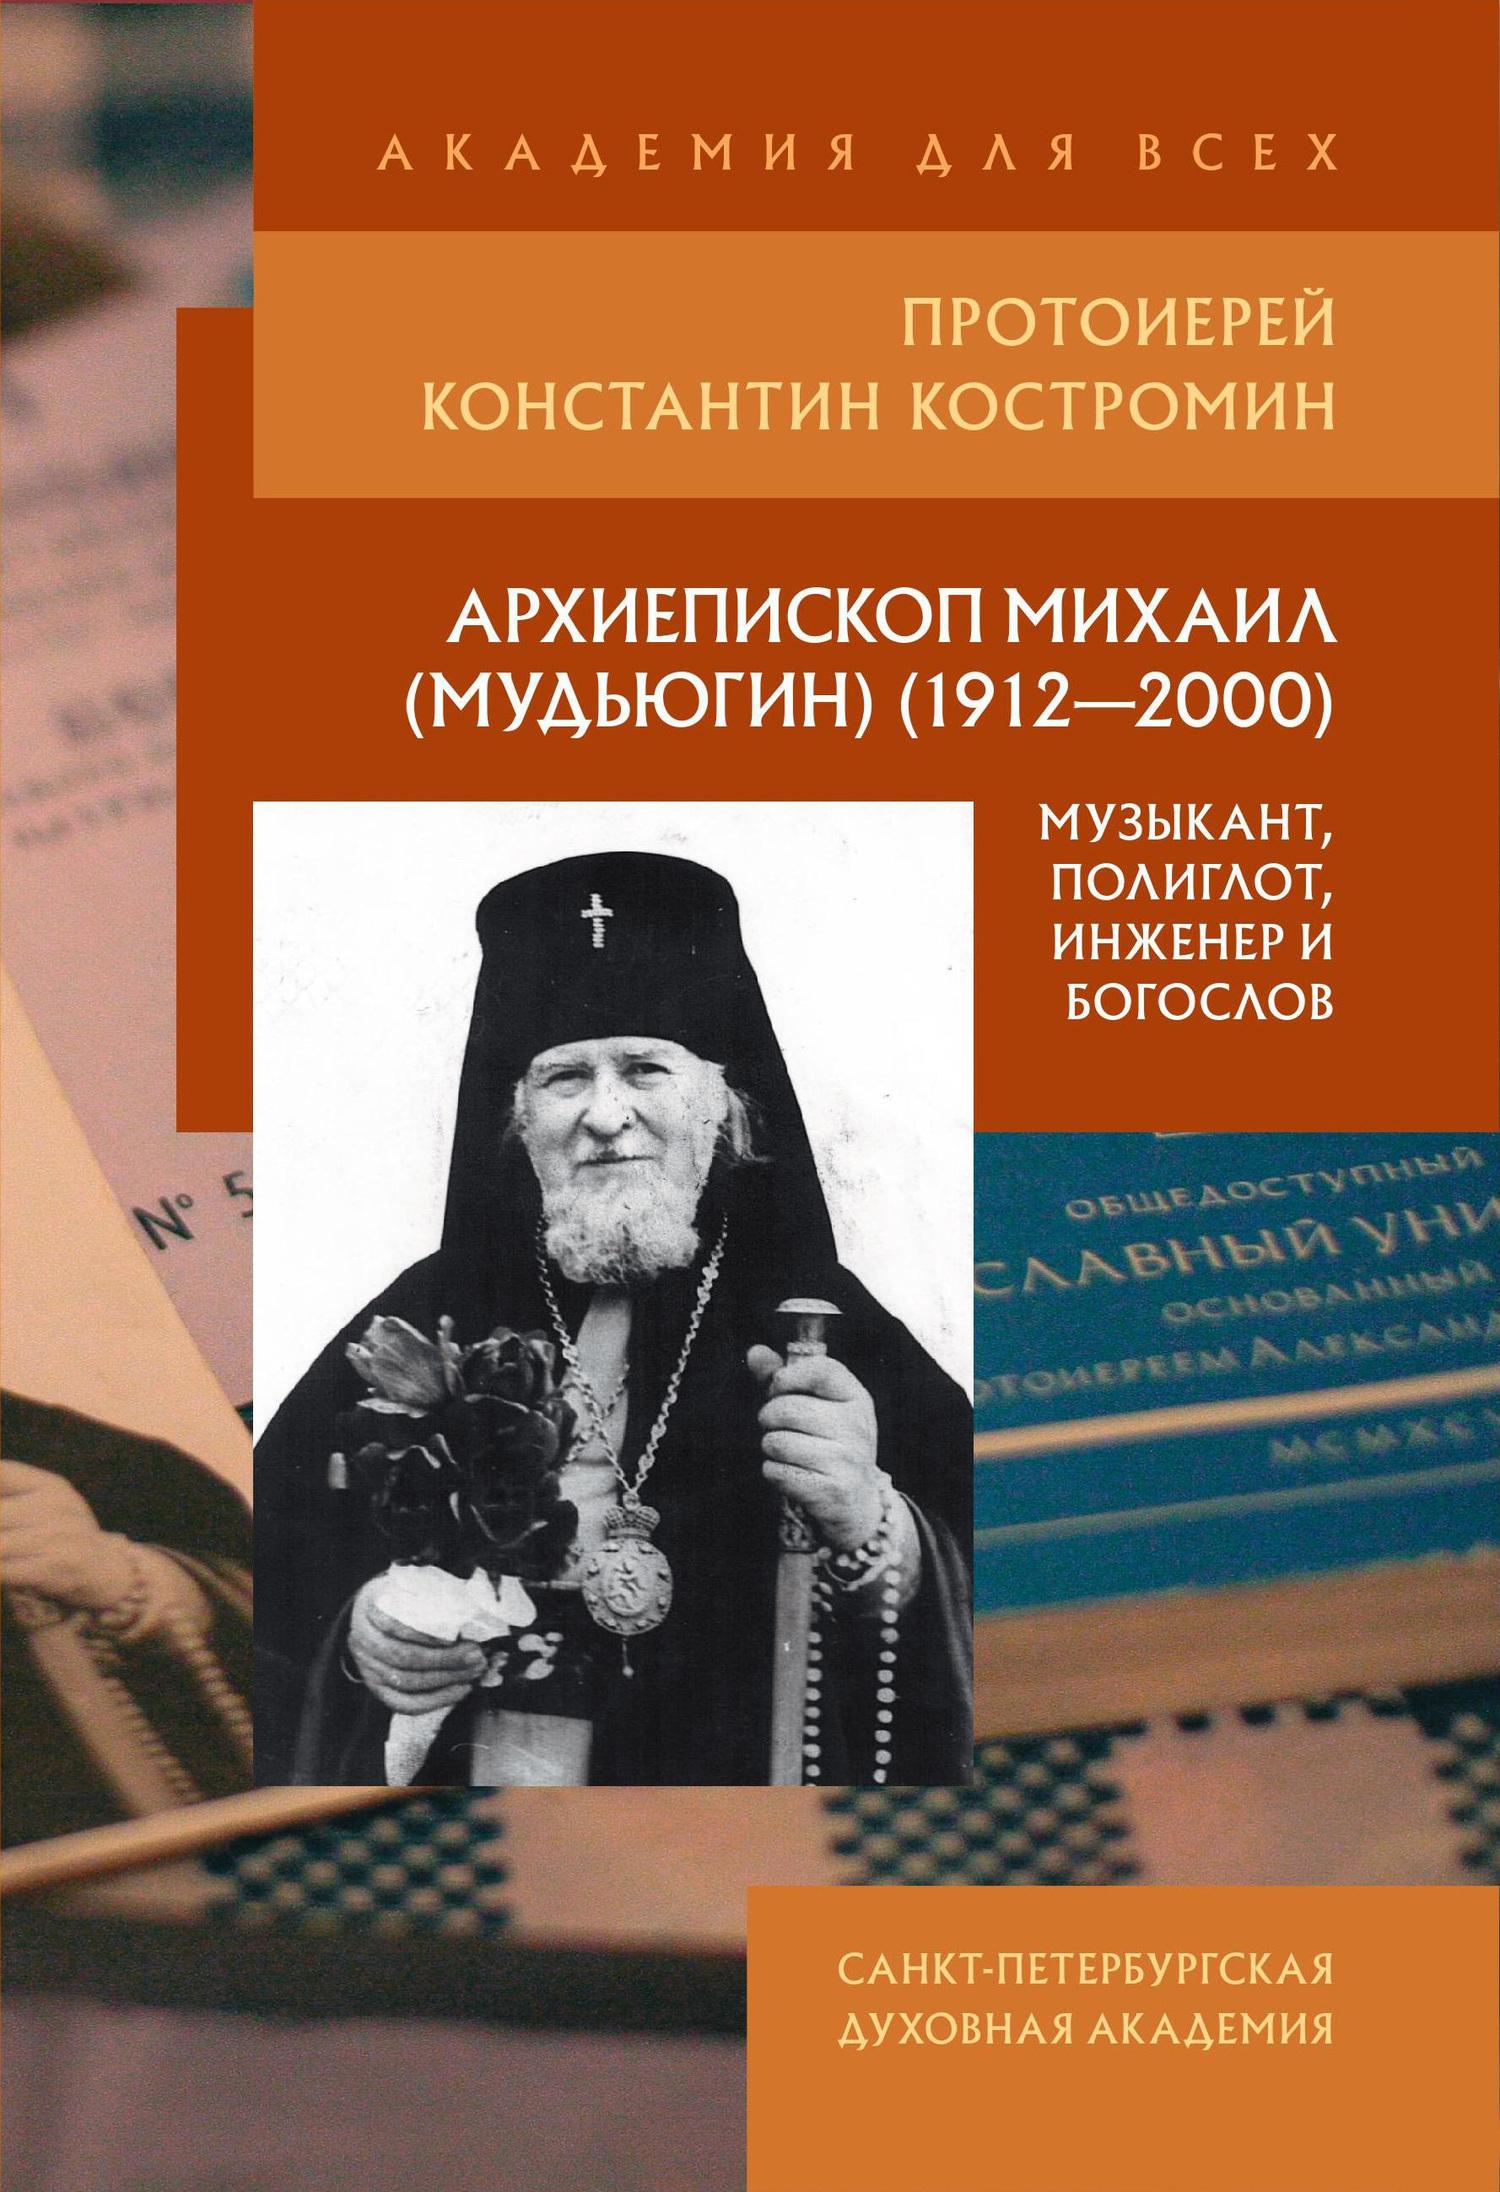 Константин Костромин - Архиепископ Михаил (Мудьюгин) (1912–2000): музыкант, полиглот, инженер и богослов